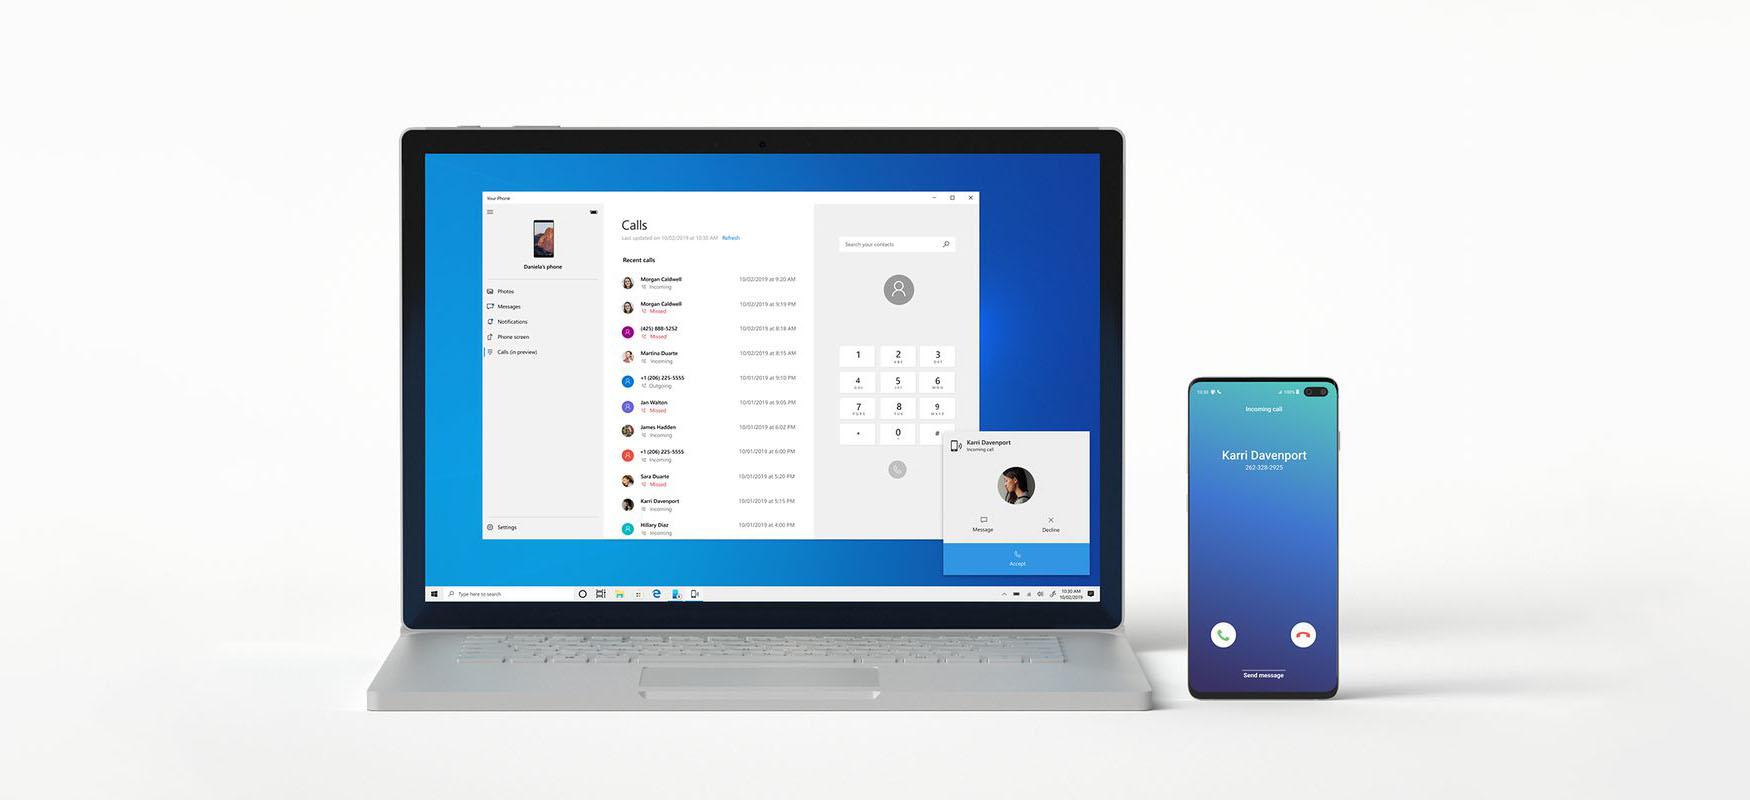 Windows integrazio sakonagoarekin Samsung telefonoekin.  Datuak kopiatzea errazagoa izango da